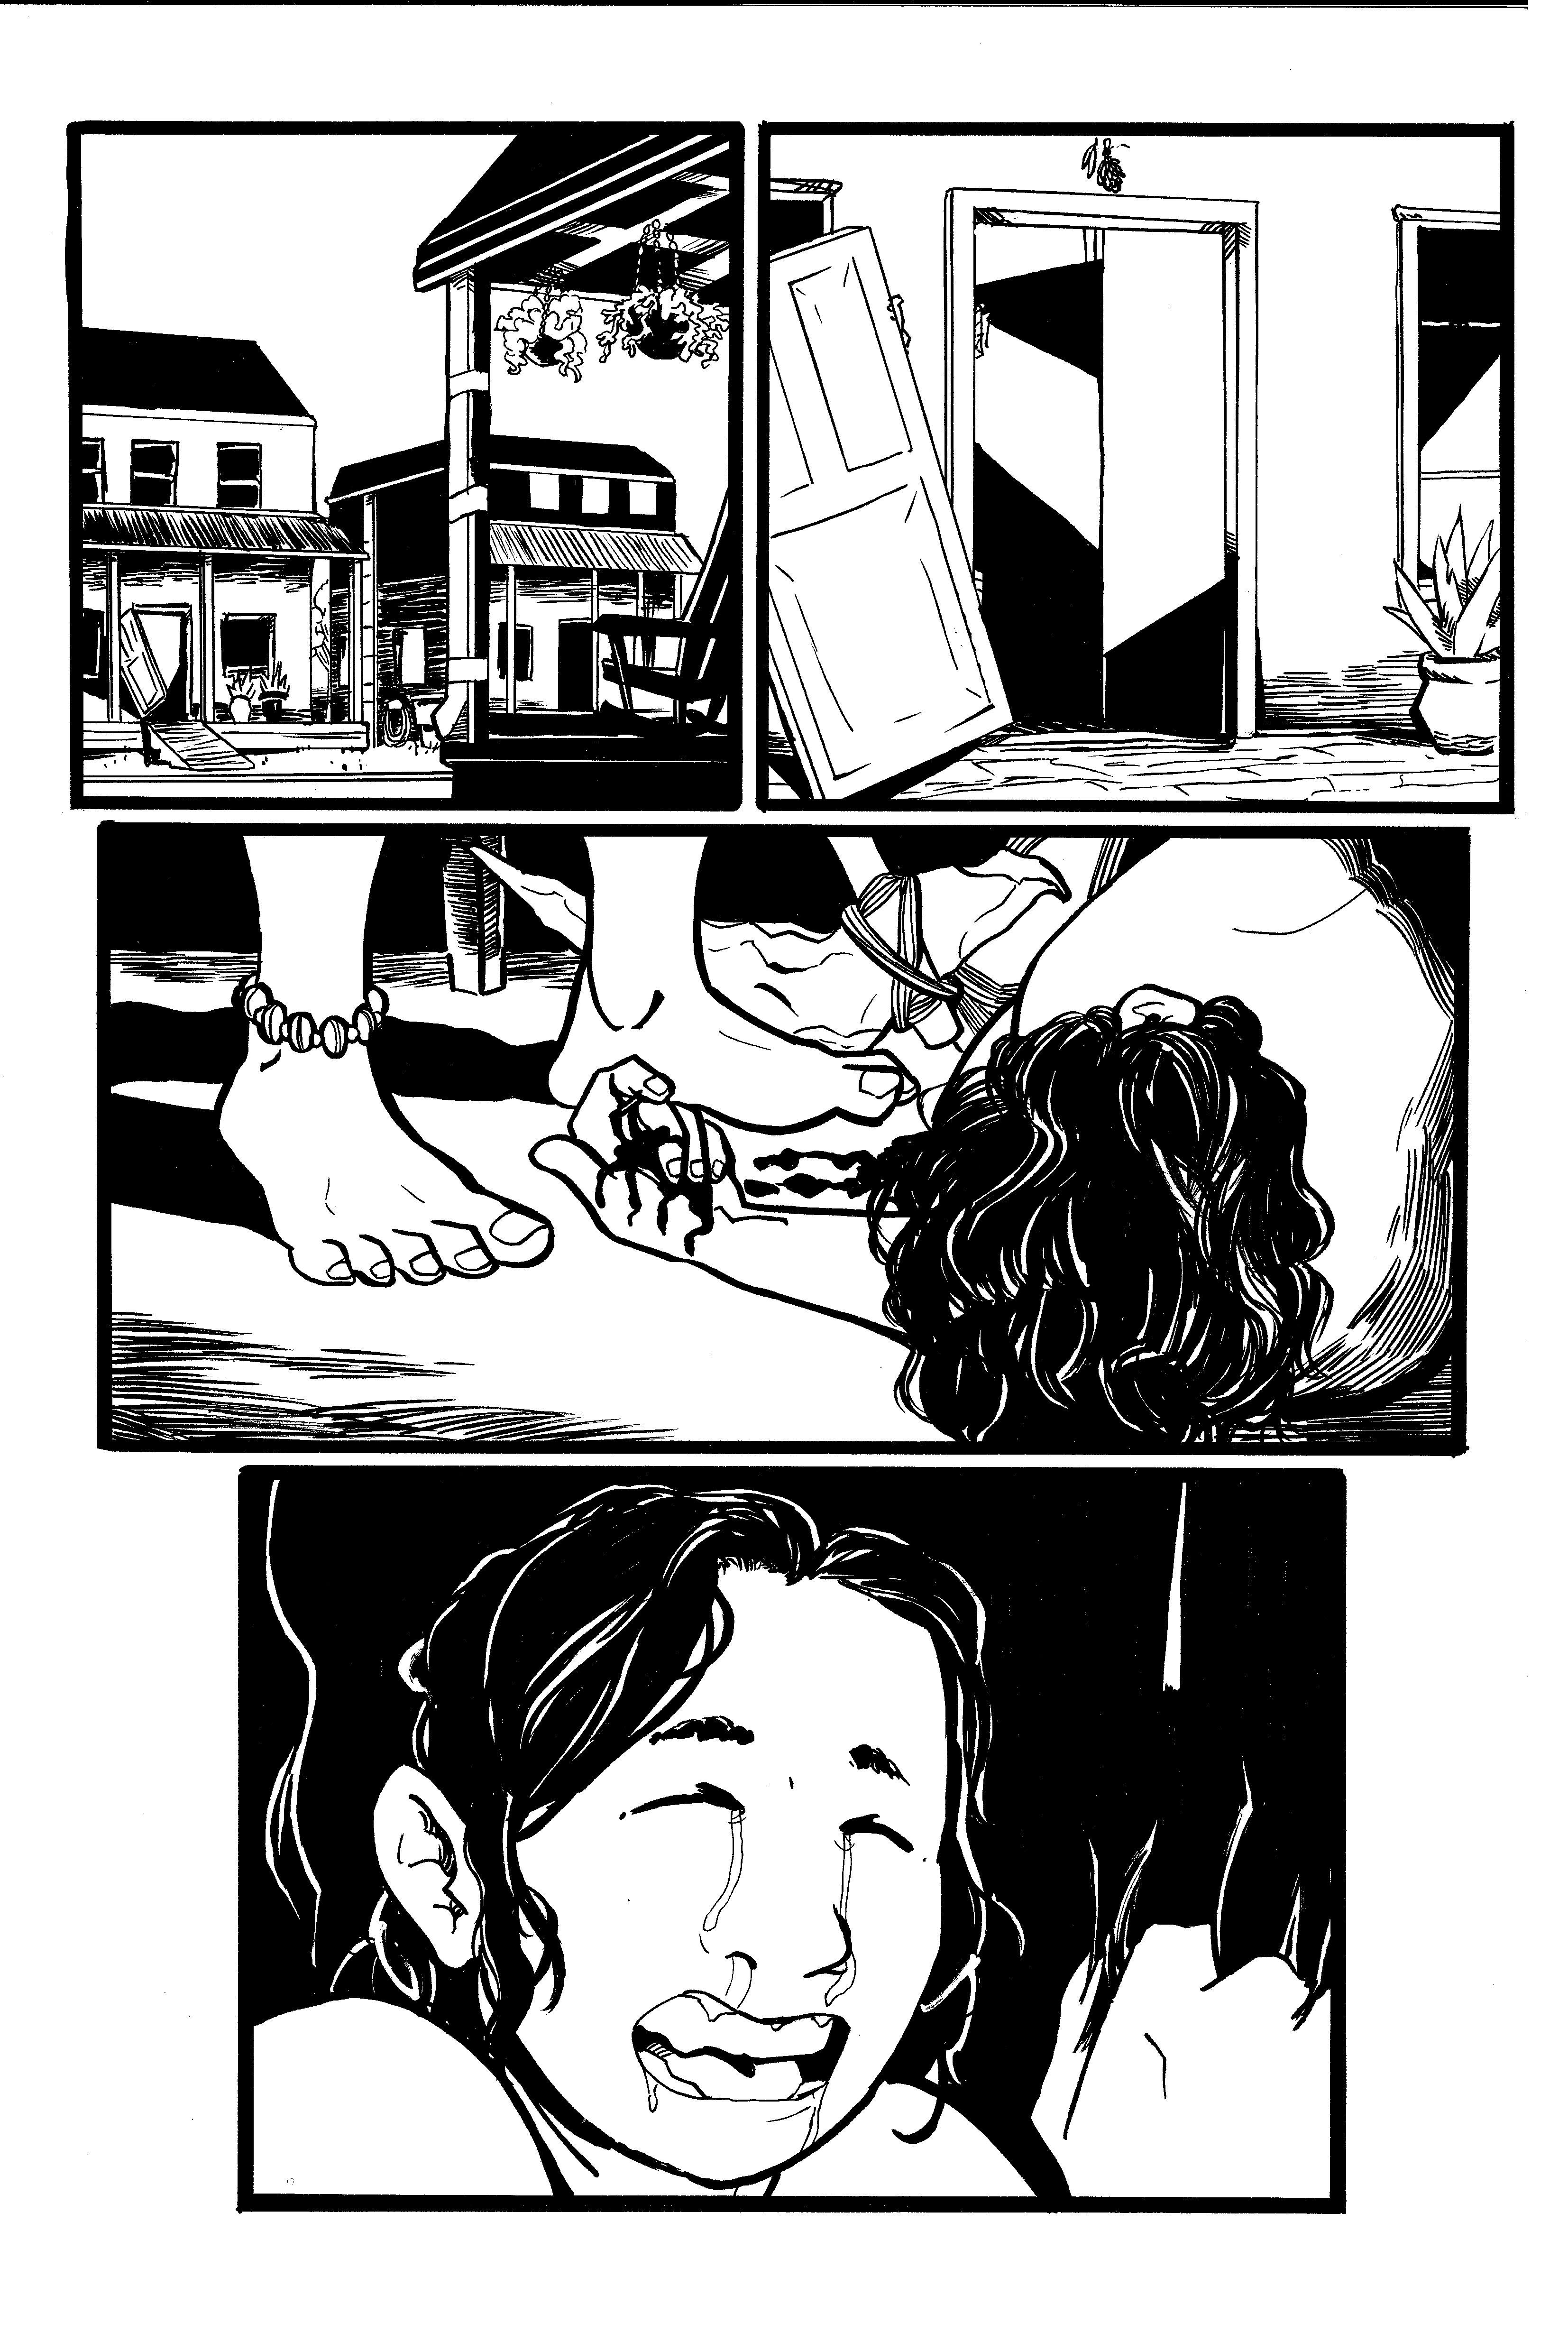 Bloodstone Page 1